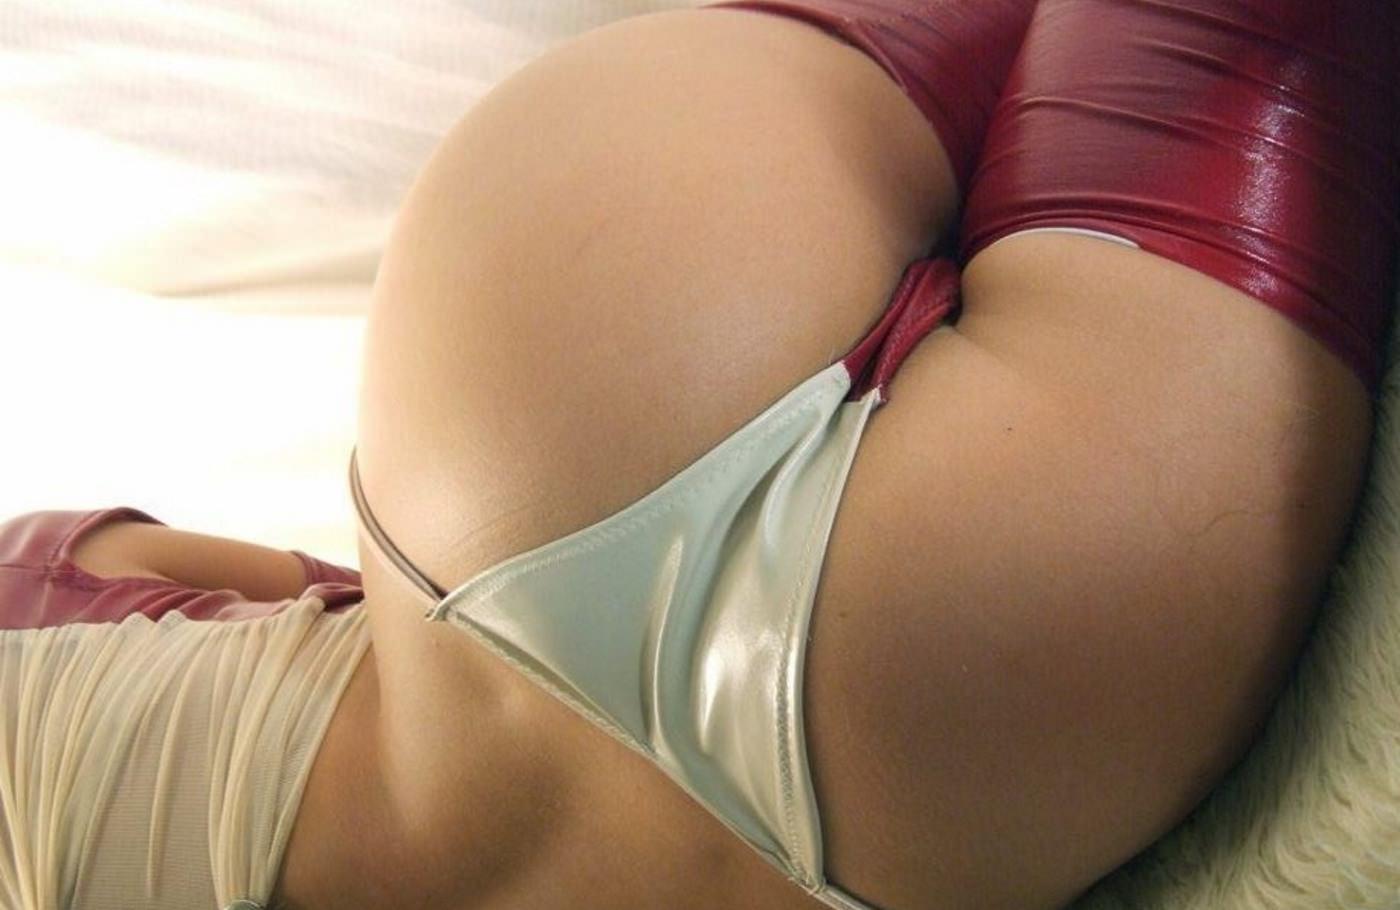 Фото Сексуальная попка в красно-белых трусиках, аппетитные ягодицы, красный латекс, скачать картинку бесплатно